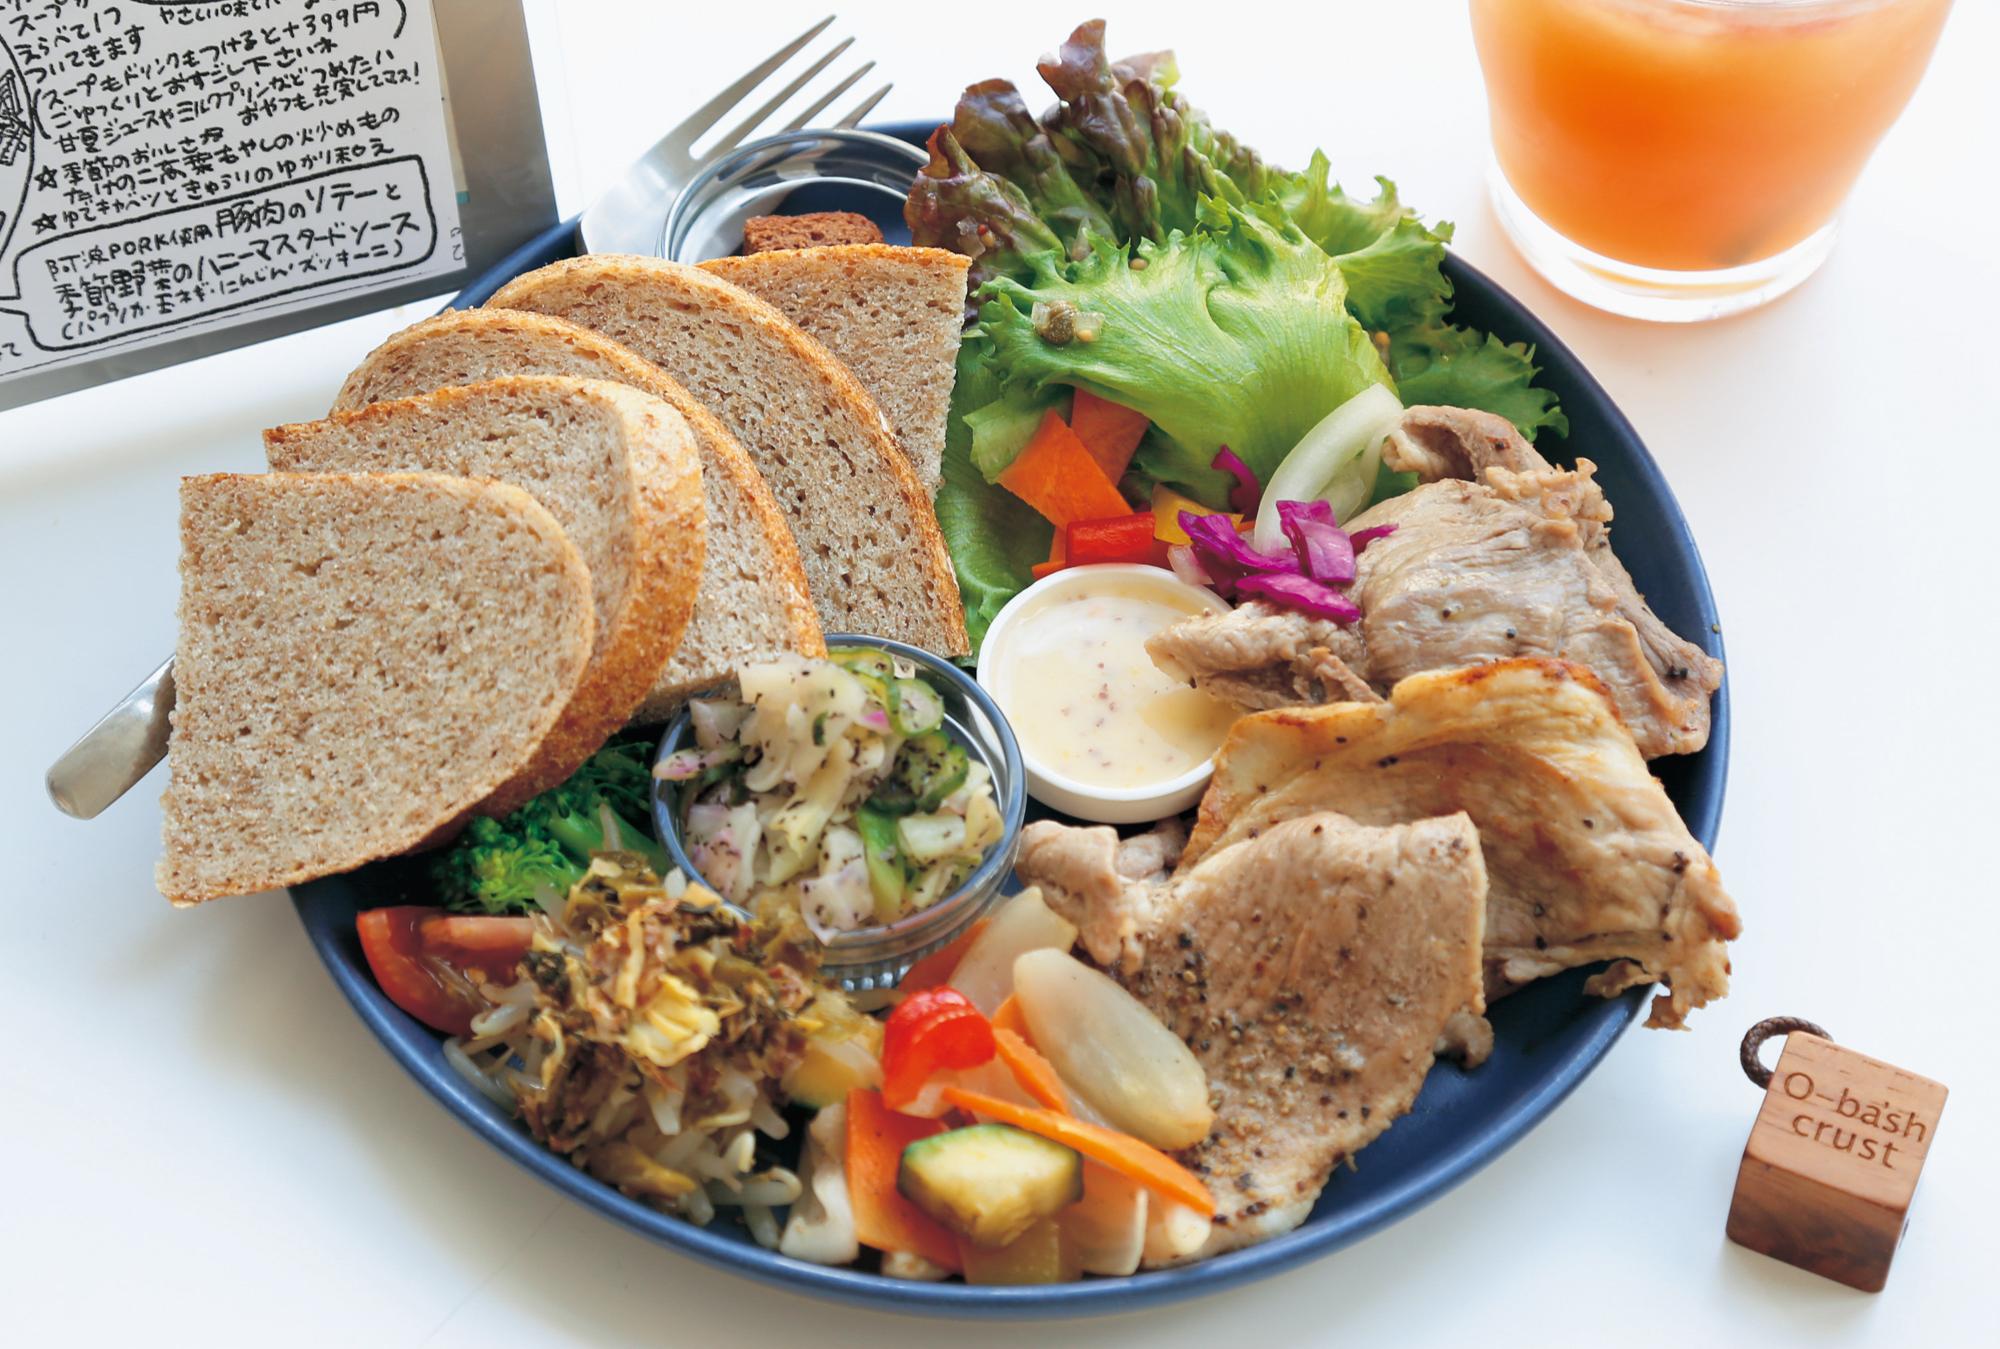 迷ったら、ワンプレート。徳島でおすすめのワンプレートランチ8選♪「おいしい」の中に「楽しさ」がある